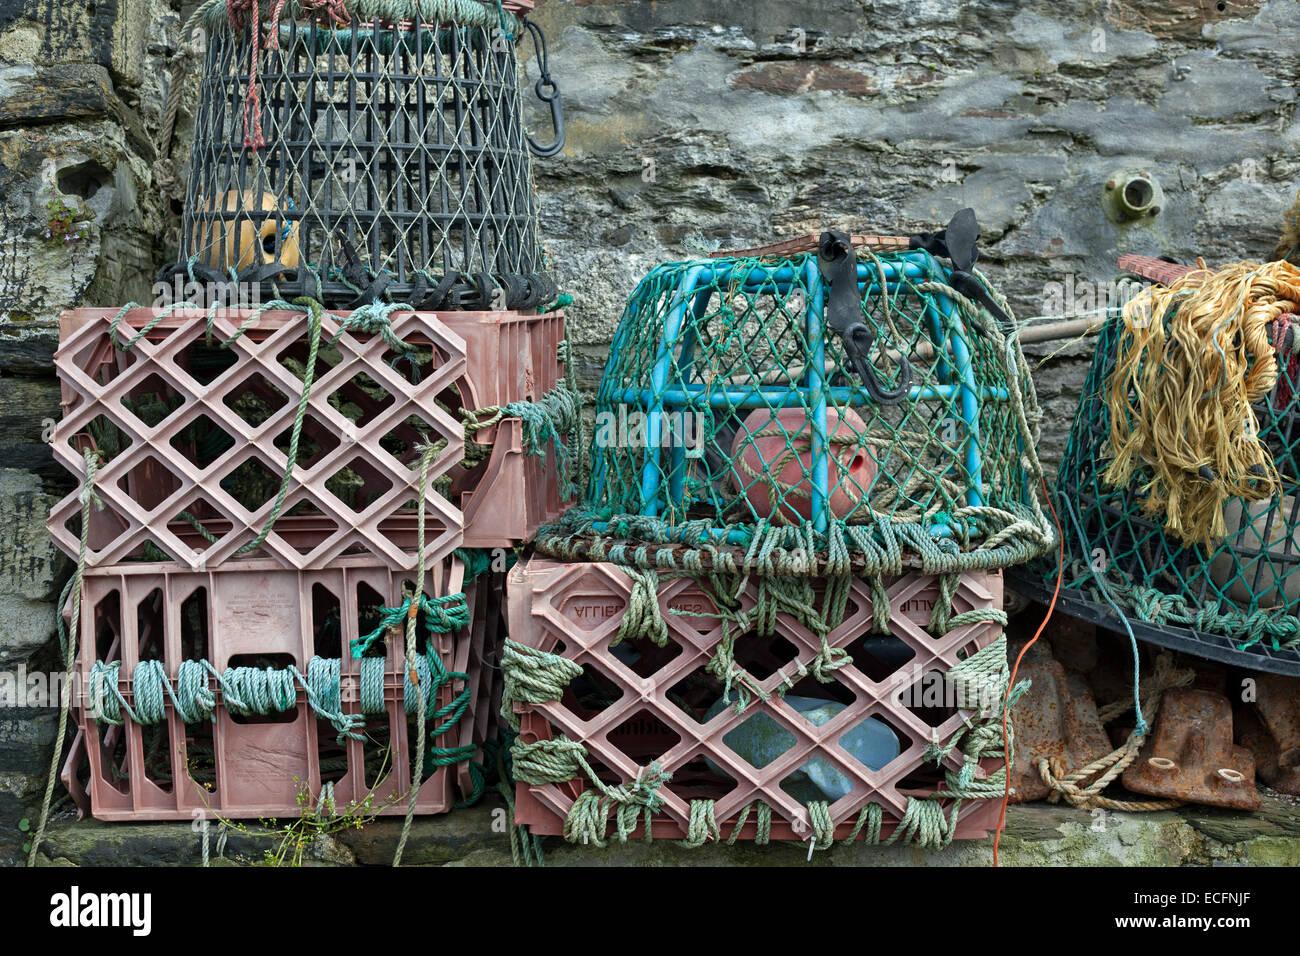 Hummerreusen im Hafen von Mevagissey, Cornwall, Großbritannien - Stock Image